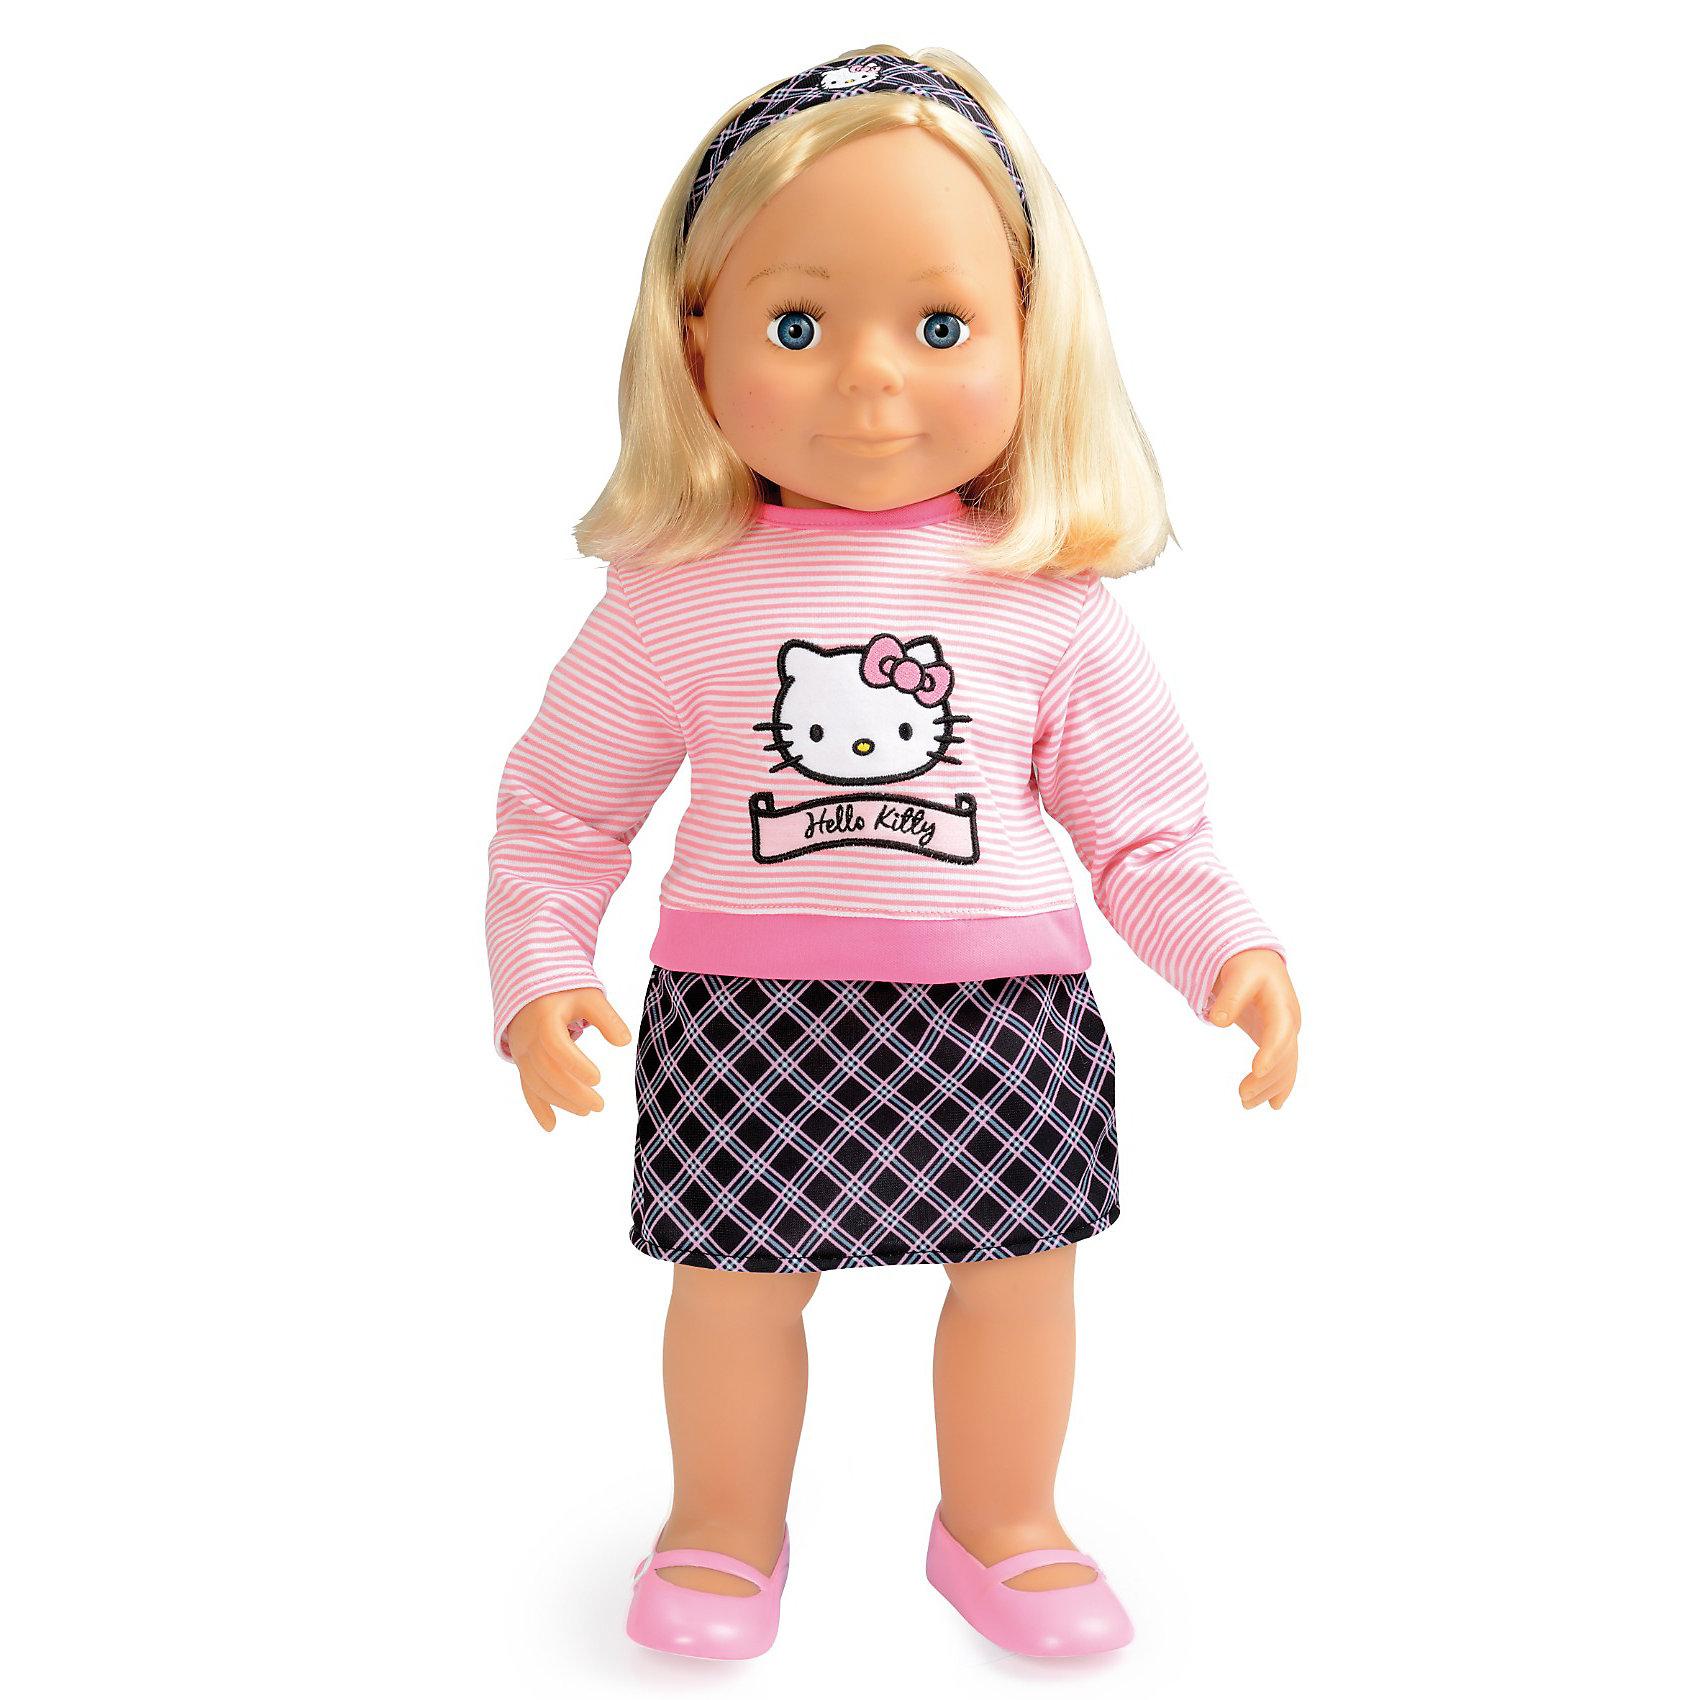 Кукла Эмма, 54 см, Smoby, Hello KittyHello Kitty<br>Характеристики:<br><br>• высота куклы: 54 см;<br>• аксессуары: комплект одежды, расческа;<br>• материал: <br>• размер упаковки: <br><br>Большая куклы Эмма одета джемпер с изображением Hello Kitty и клетчатую юбочку, обута в сандалики. Нейлоновые волосы куколки можно расчесывать, плести Эмме различные прически. Глазки Эммы не закрываются. <br><br>Куклу Эмма, 54 см, Smoby, Hello Kitty можно купить в нашем магазине.<br><br>Ширина мм: 556<br>Глубина мм: 212<br>Высота мм: 153<br>Вес г: 1241<br>Возраст от месяцев: 36<br>Возраст до месяцев: 72<br>Пол: Женский<br>Возраст: Детский<br>SKU: 3231640